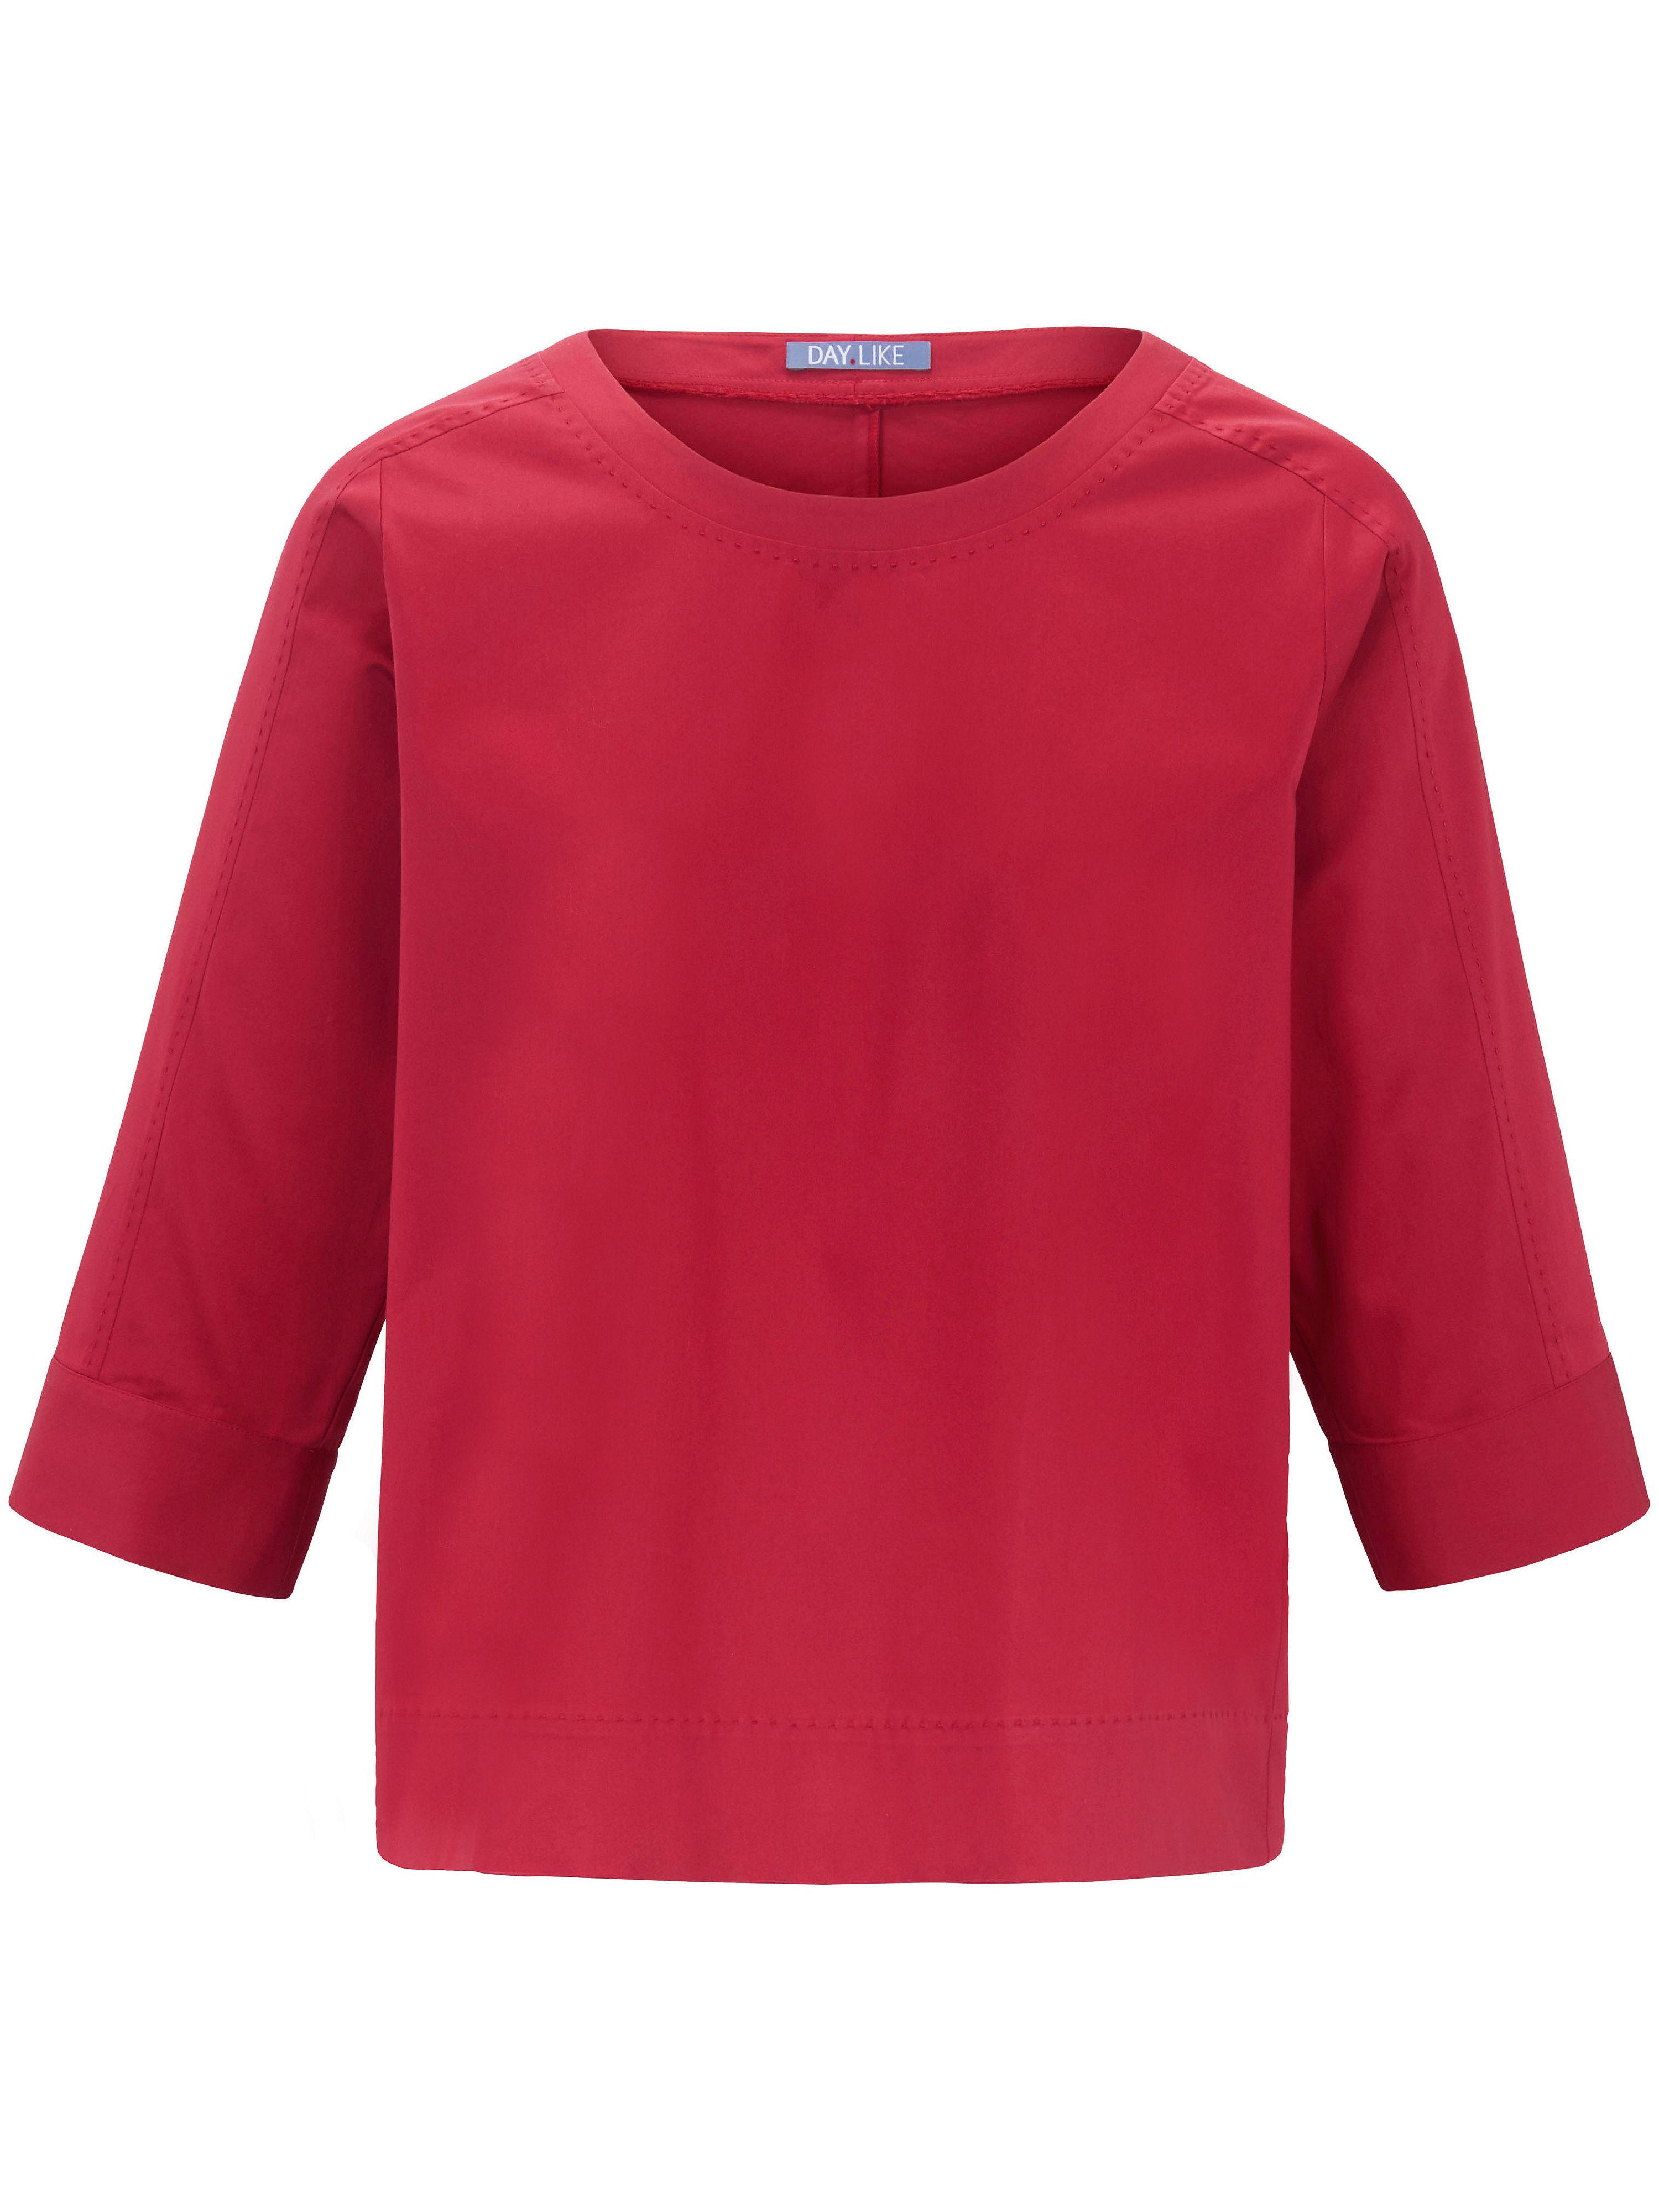 Image of   Bluse 3/4-ærmer Fra DAY.LIKE rød